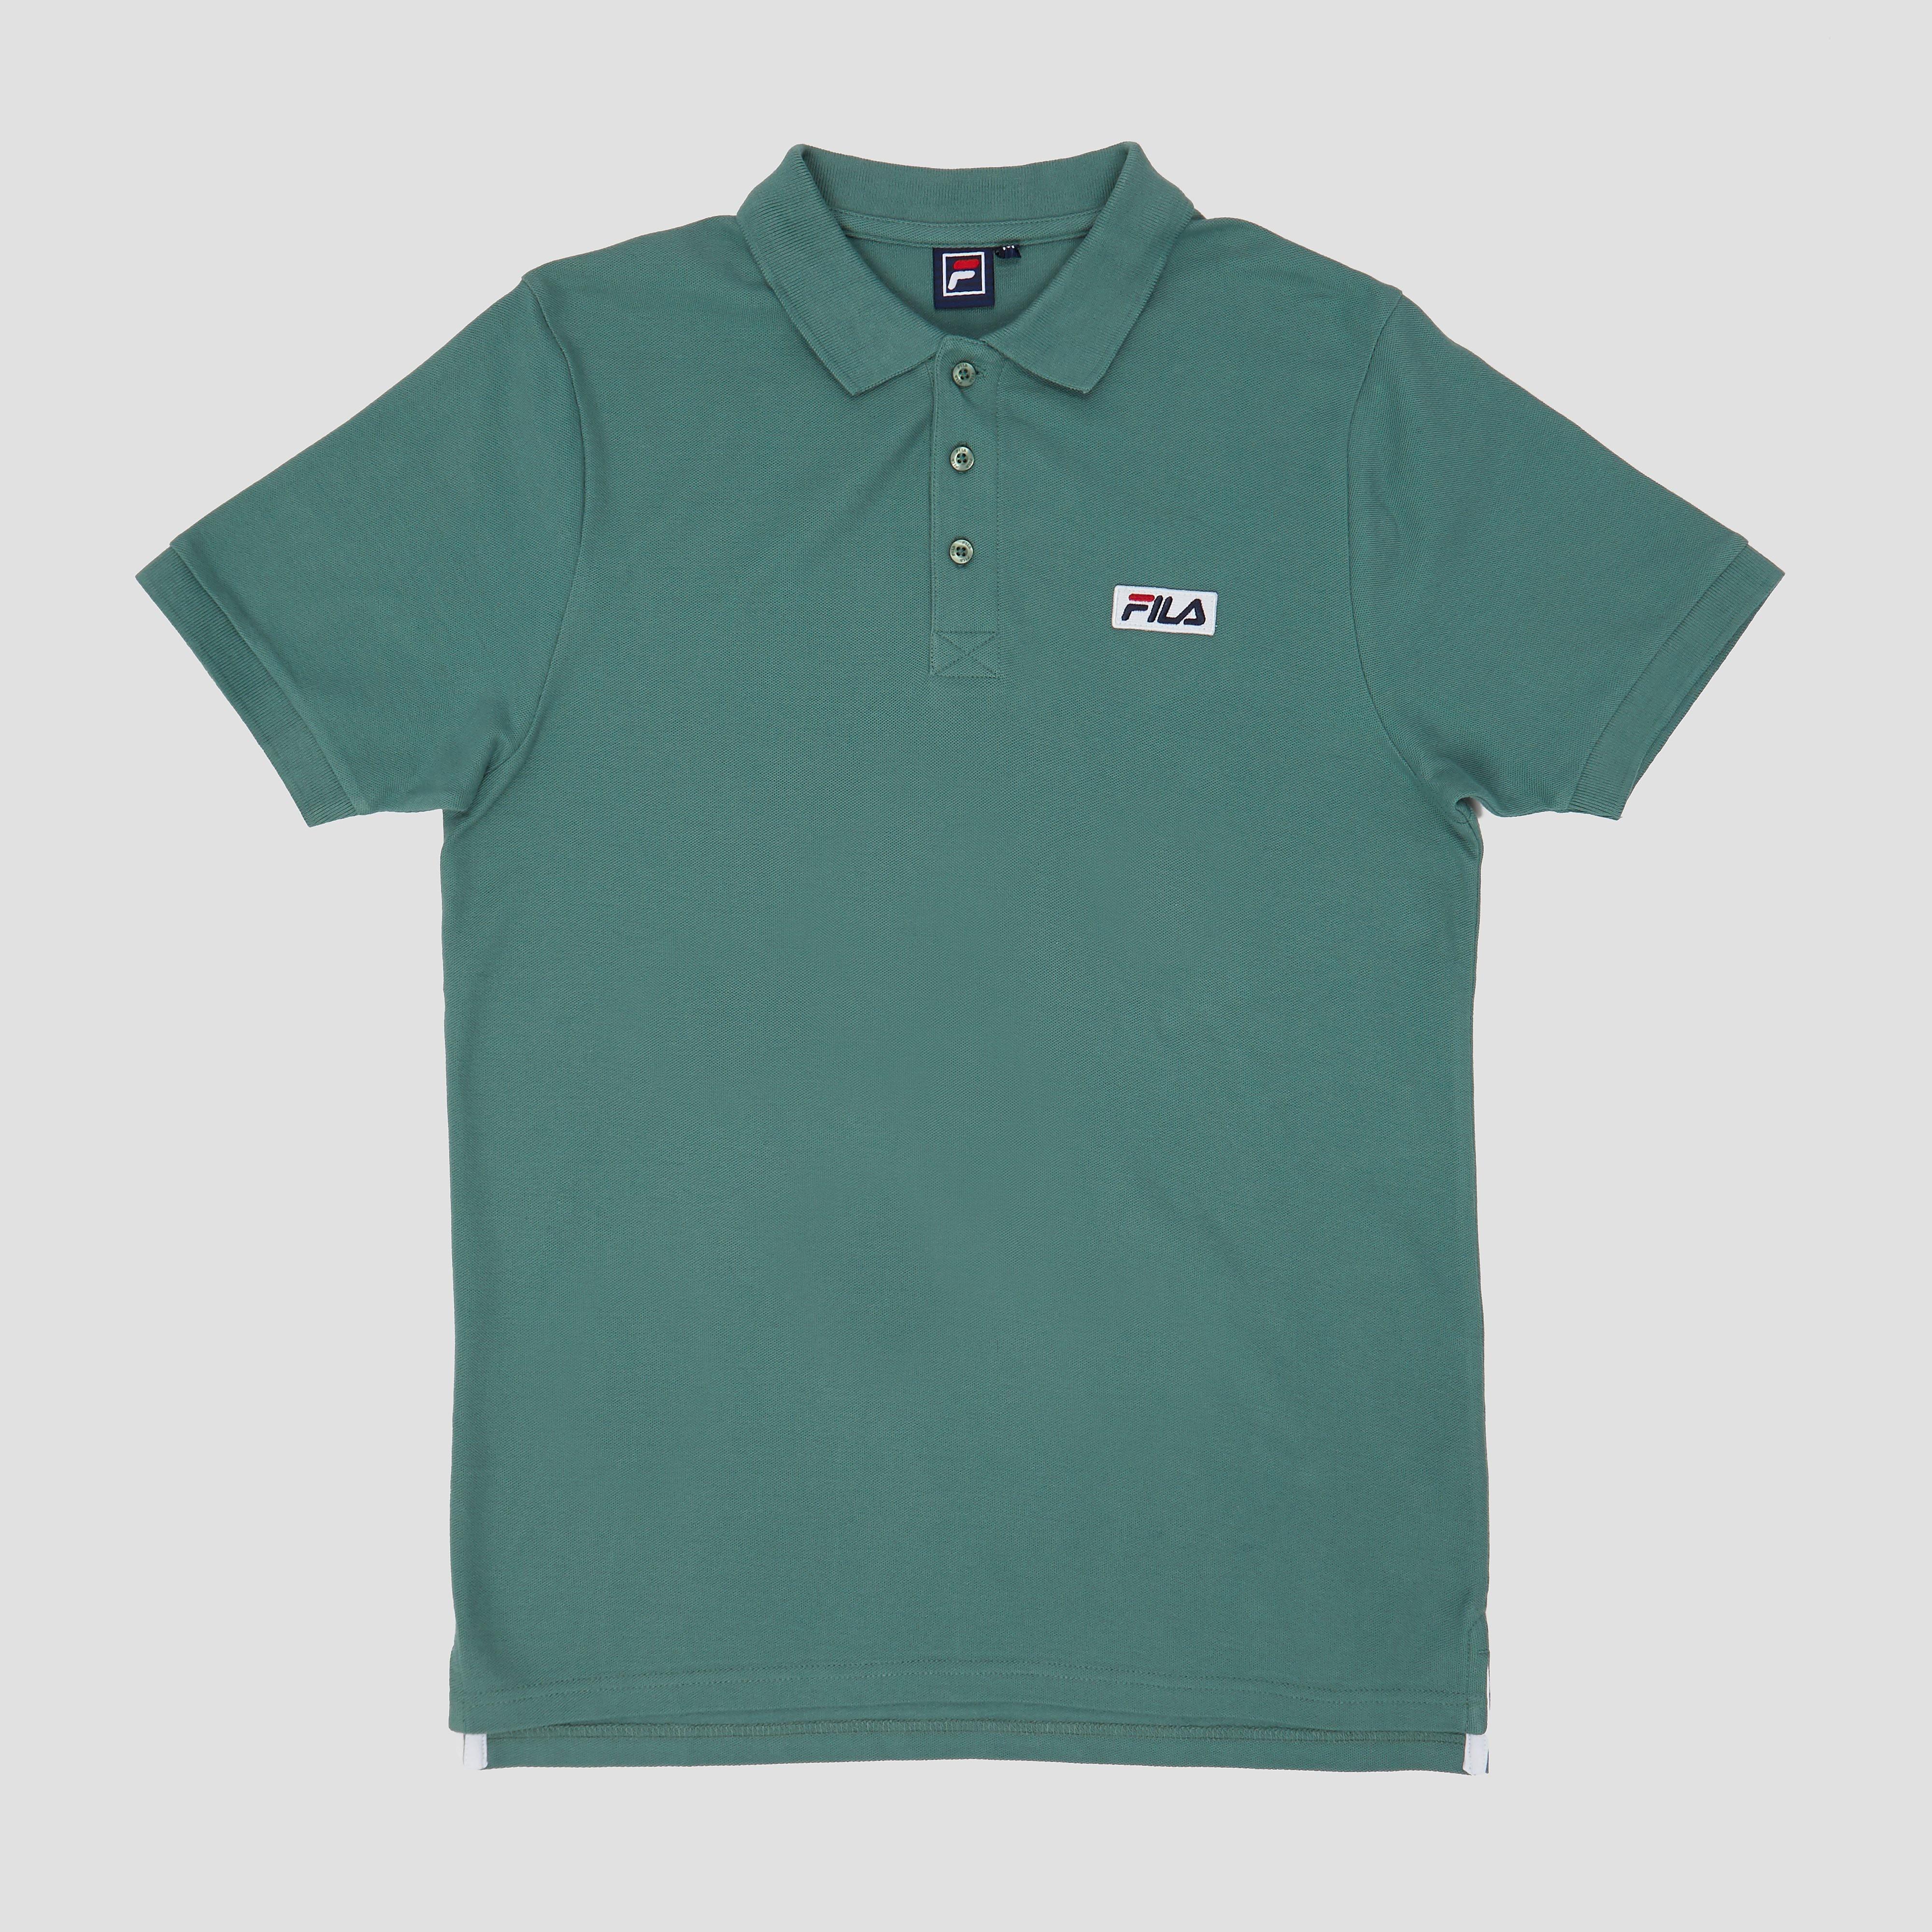 Met de fila unttino kies je voor stijlvol en eenvoud tegelijk. deze groene herenpolo is gemaakt van zacht ...